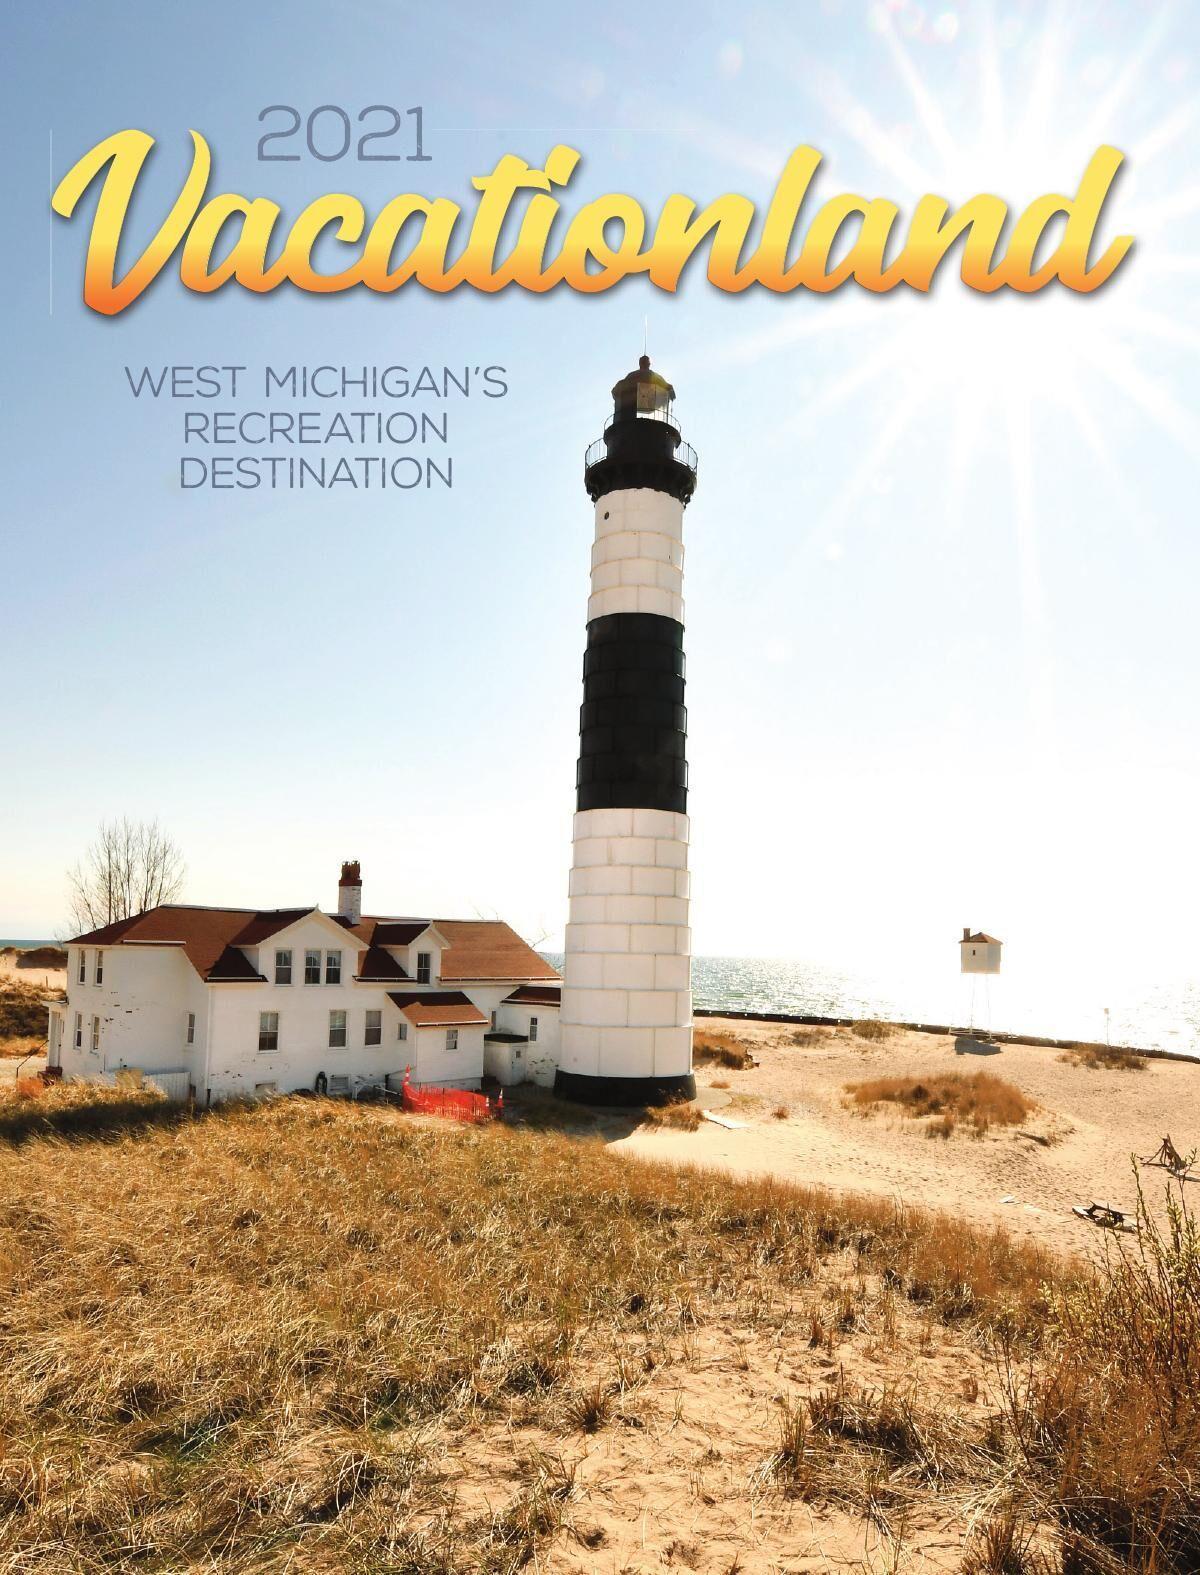 Vacationland 2021